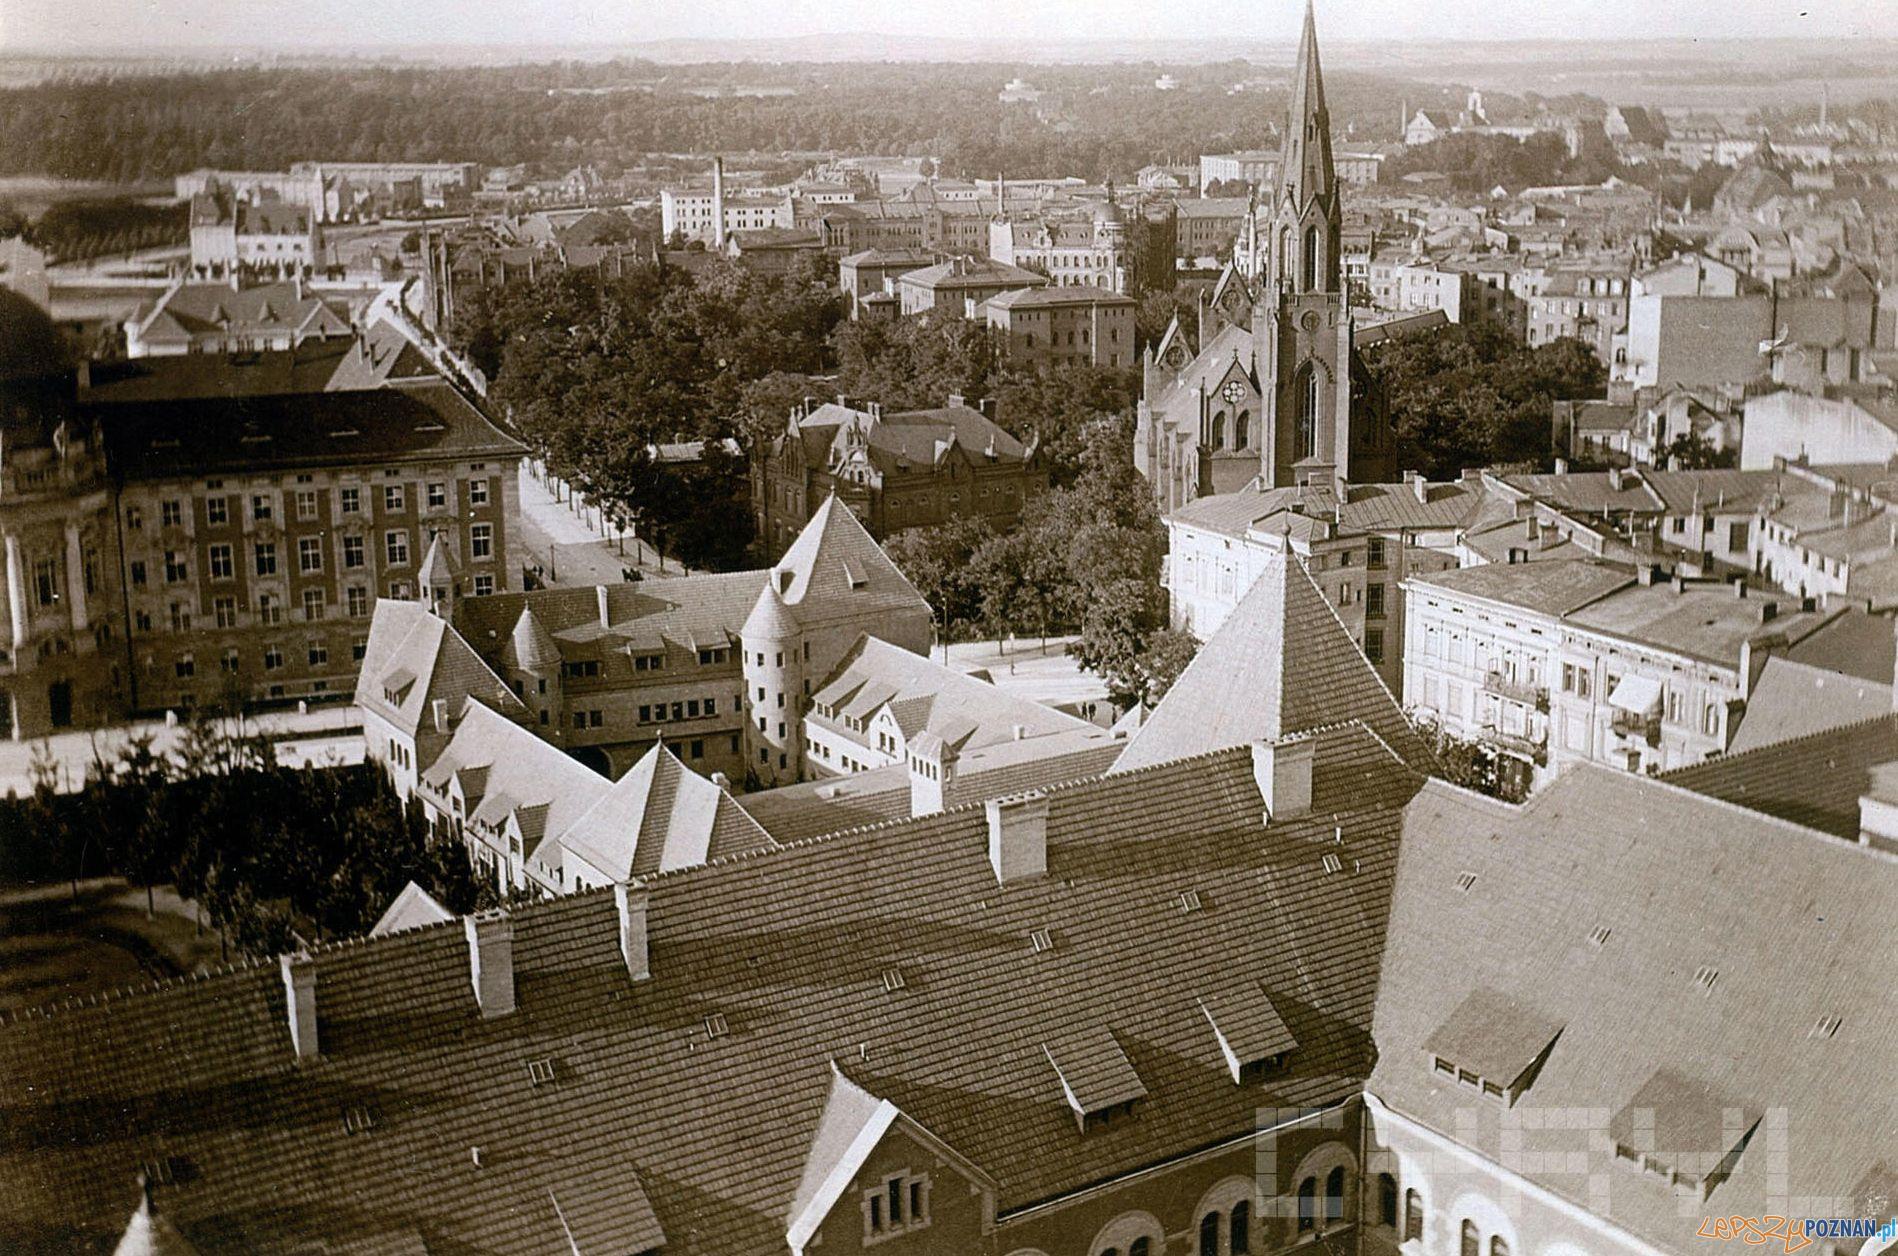 Dzielnica Cesarska z lotu ptaka 1911  Foto: Joseph Latzel Ze zb. Brigitte i Everhardta Franßen CK Zamek - Cyryl